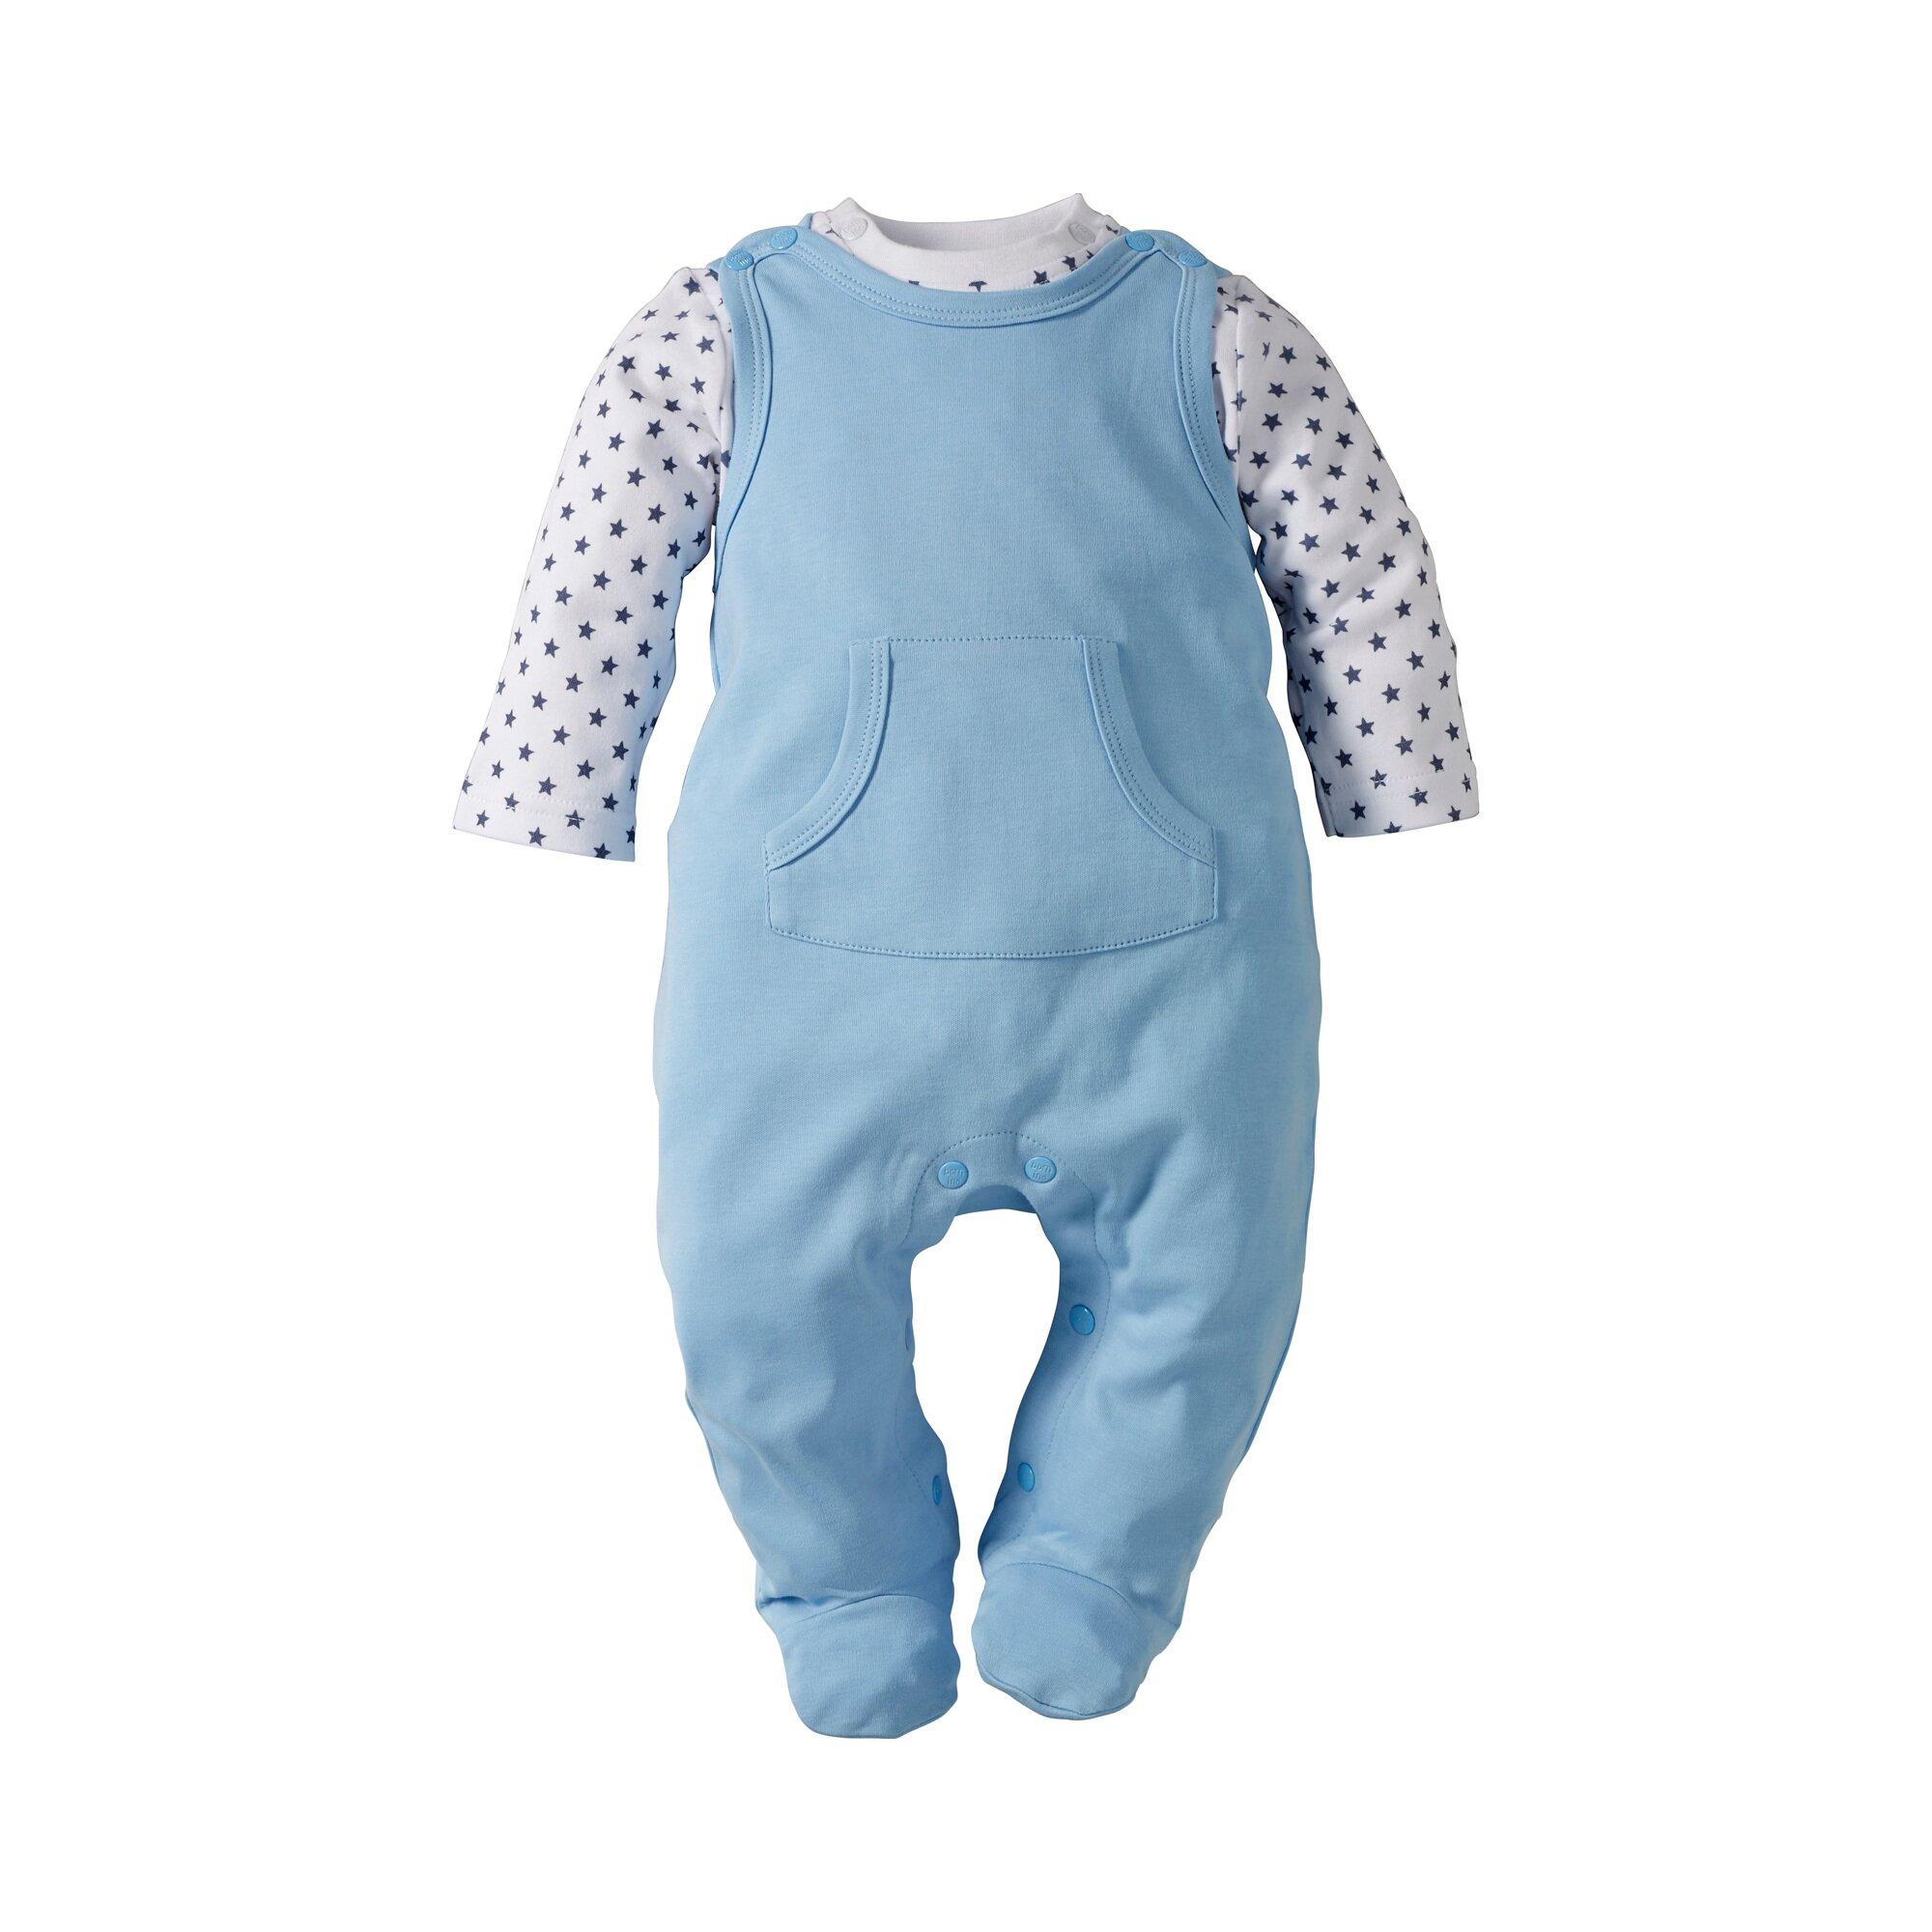 basics-stramplerset-strampler-shirt-blau-50-62-74